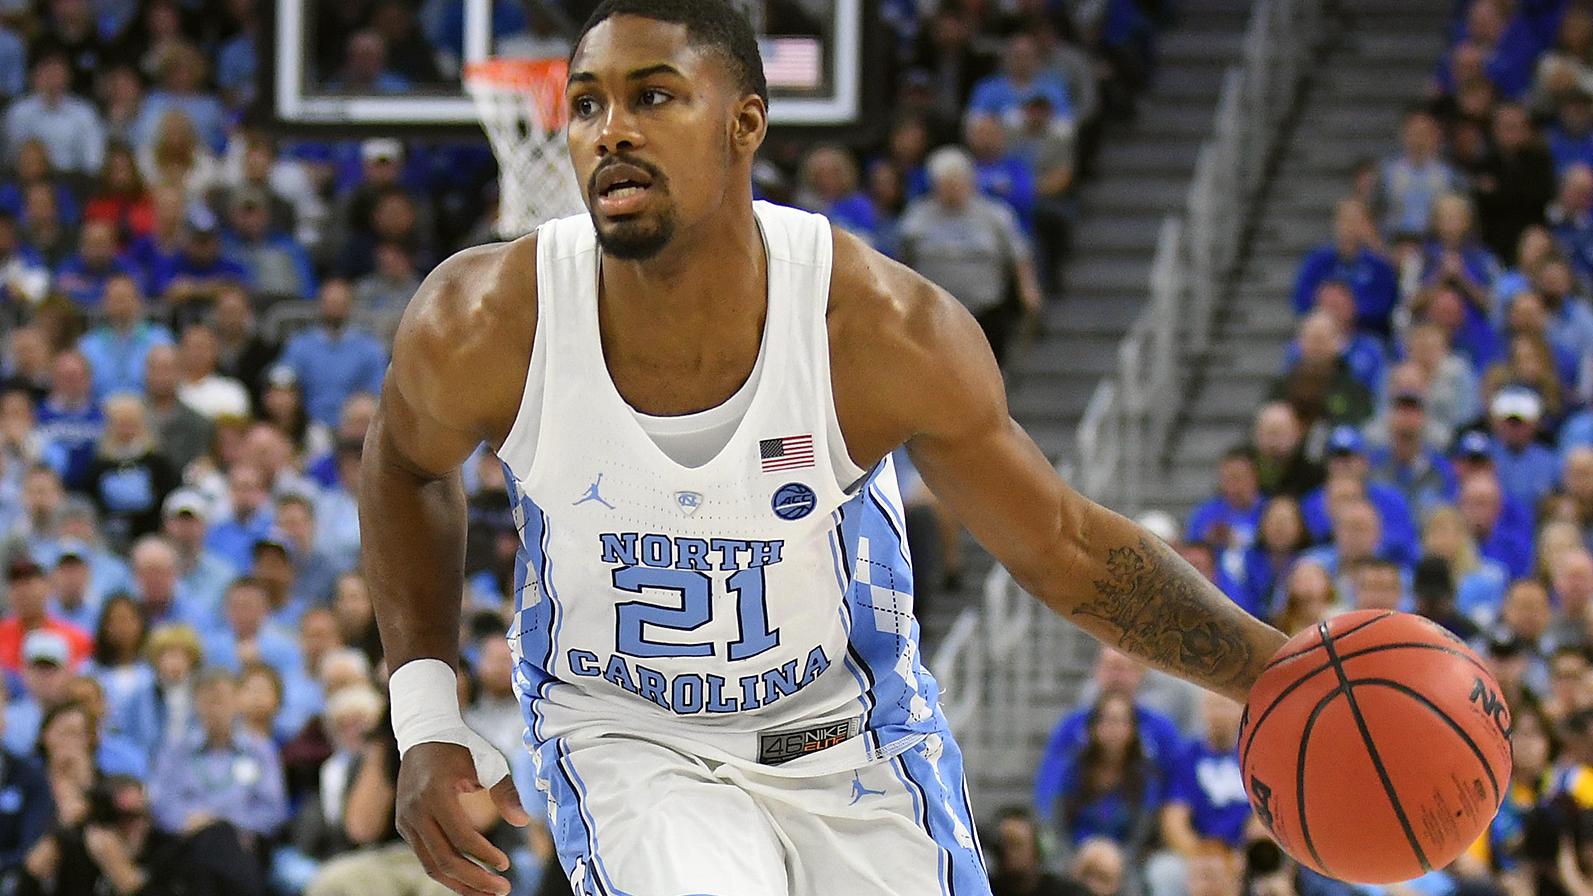 NCAA Basketball: North Carolina at Kentucky